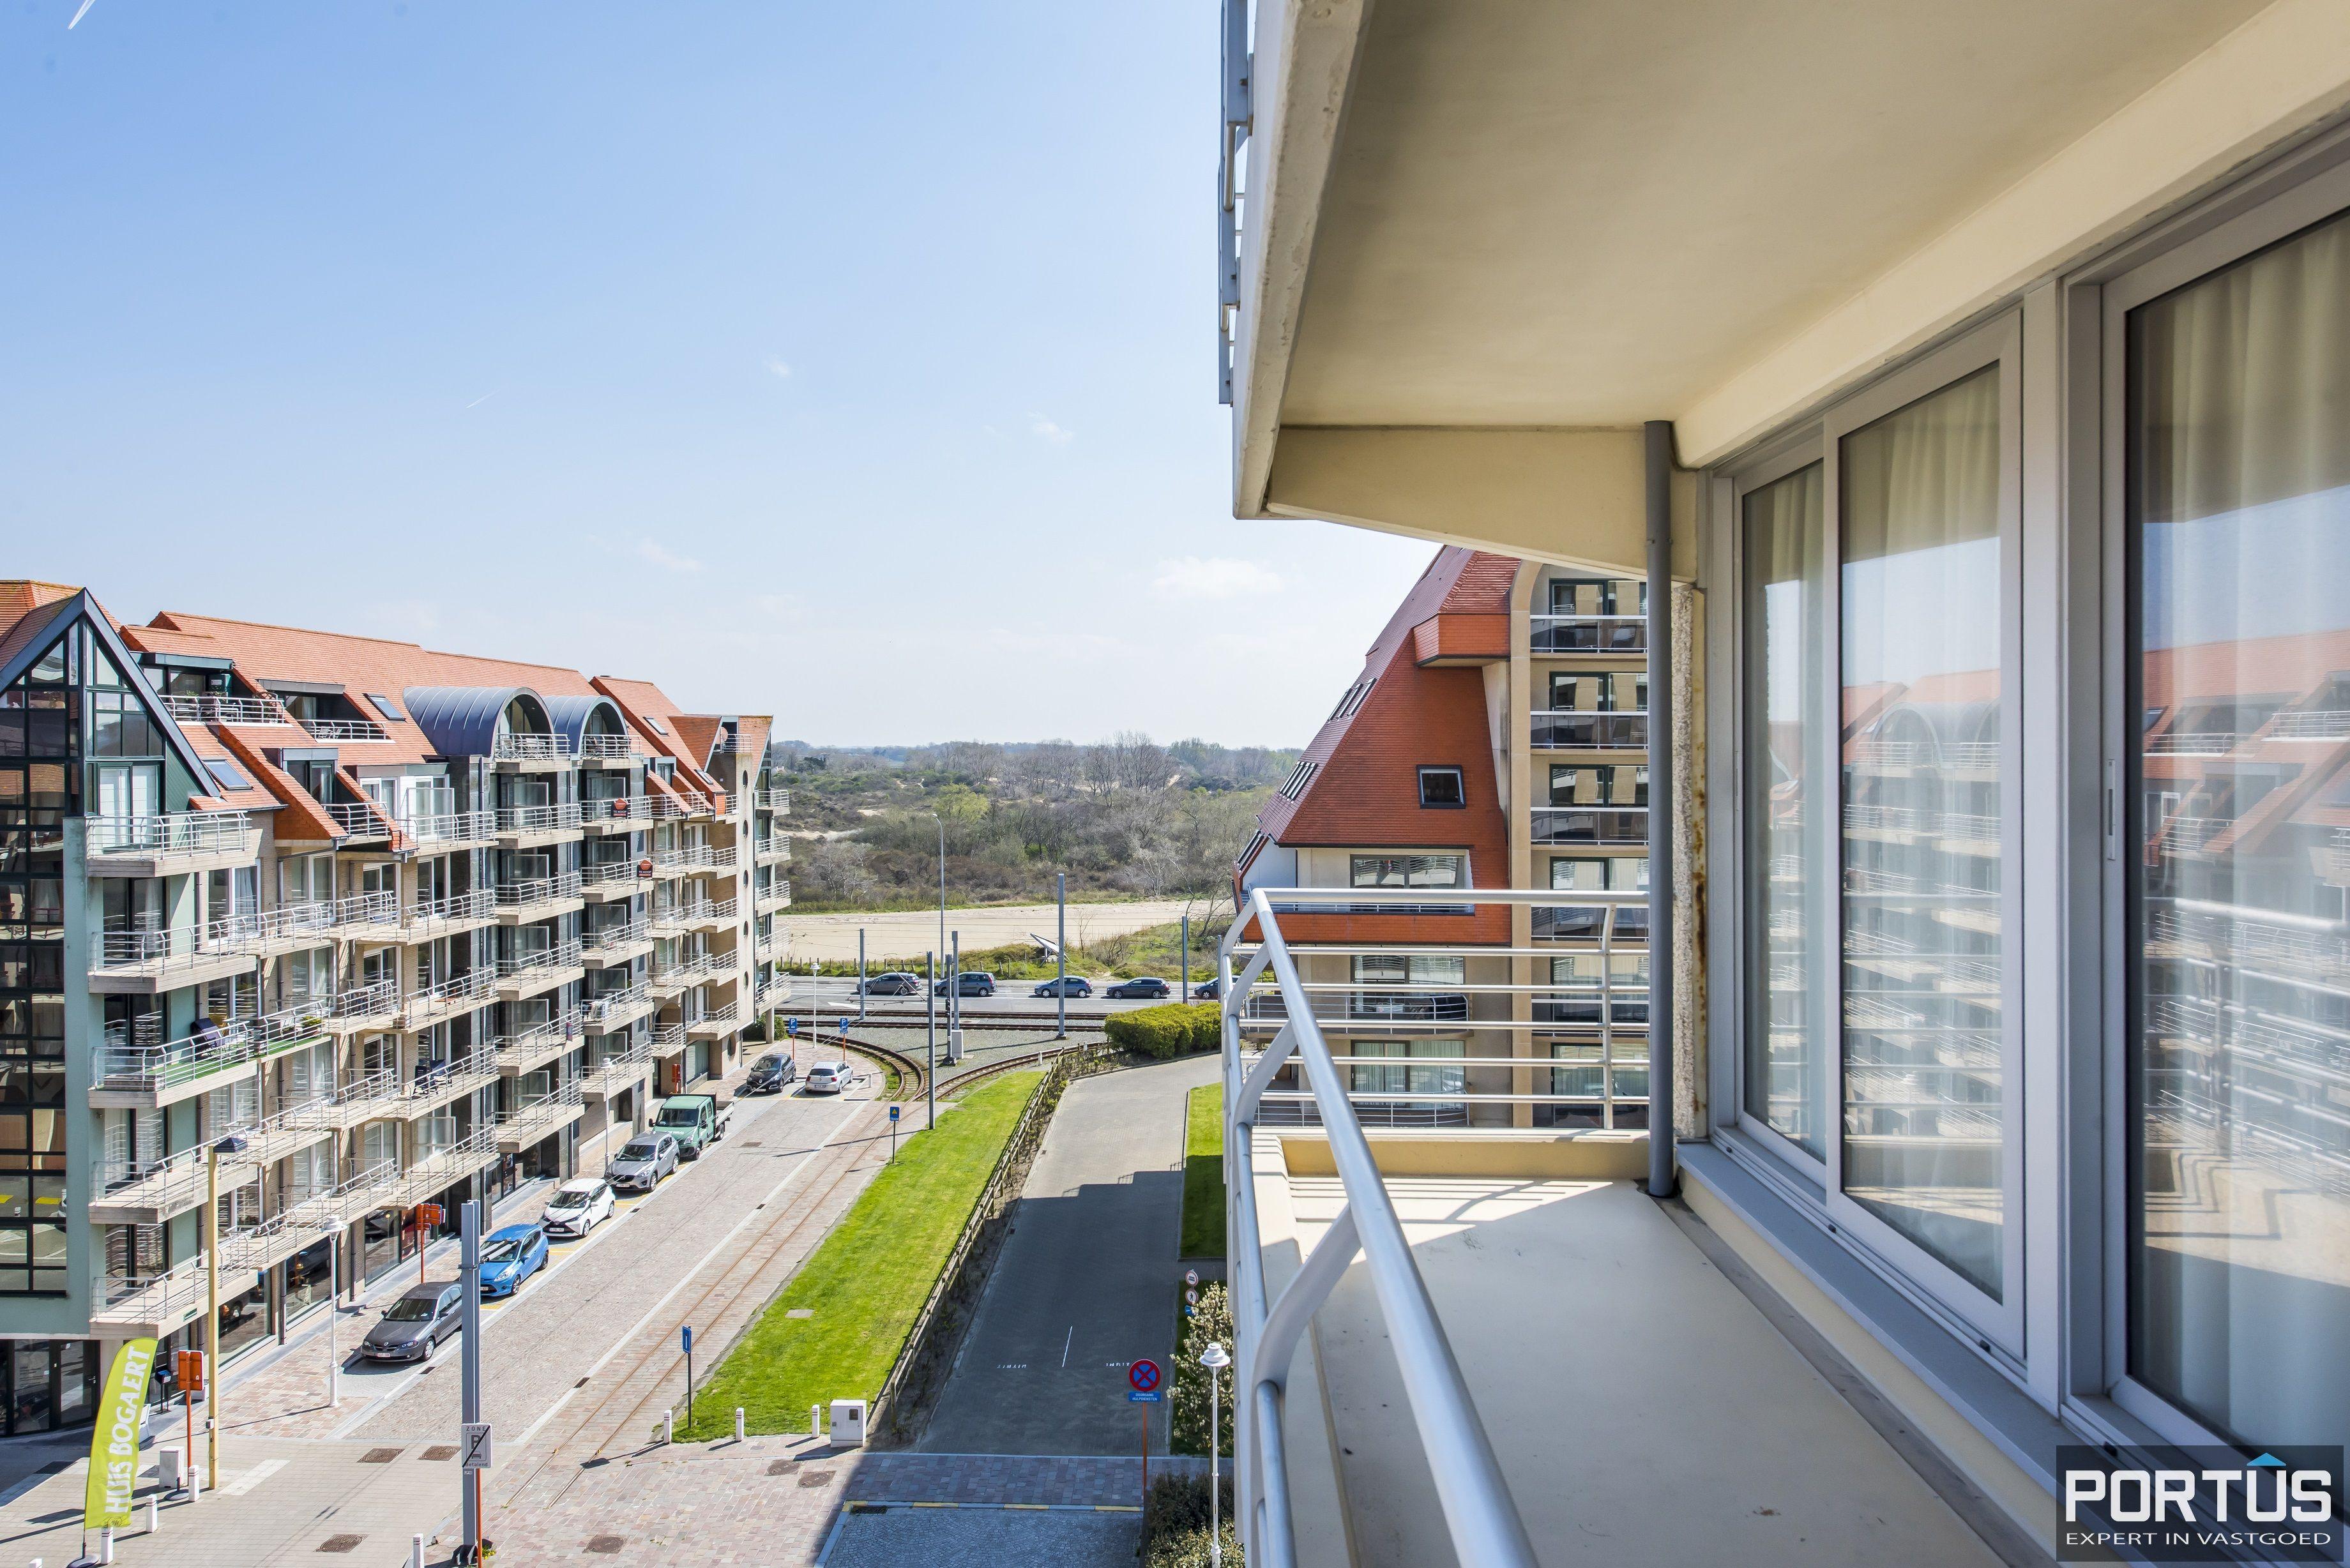 Instapklaar 1 slaapkamer appartement met ruim terras met zijdelings zeezicht te koop - 9552